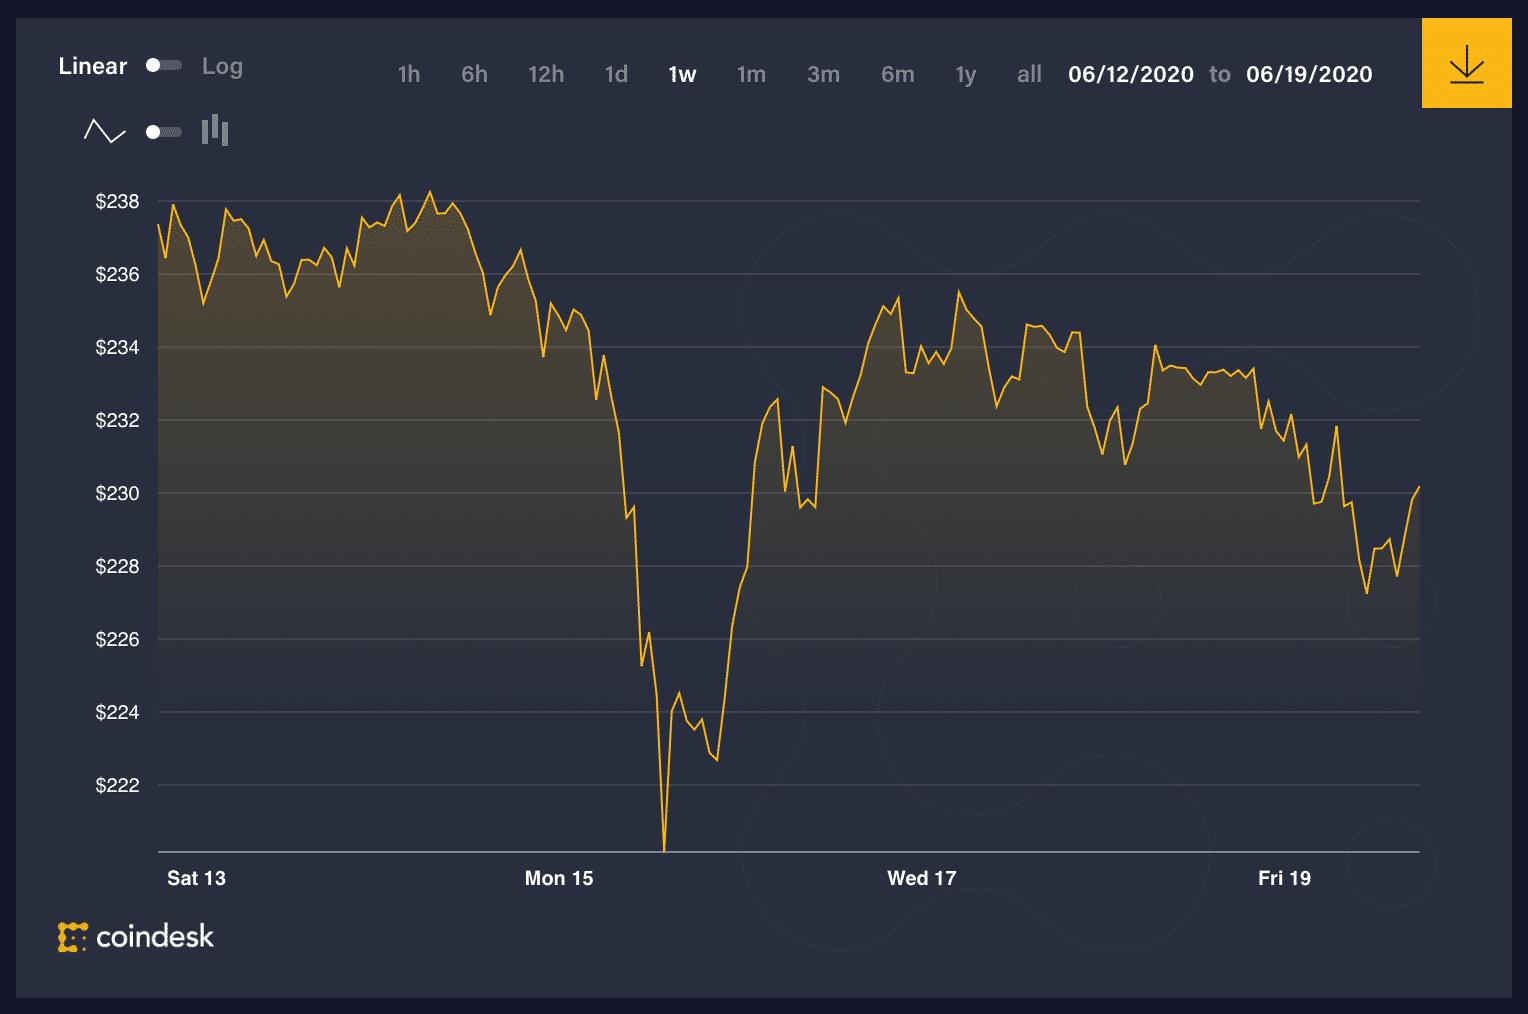 تحركات سعر إيث في الأسبوع الماضي